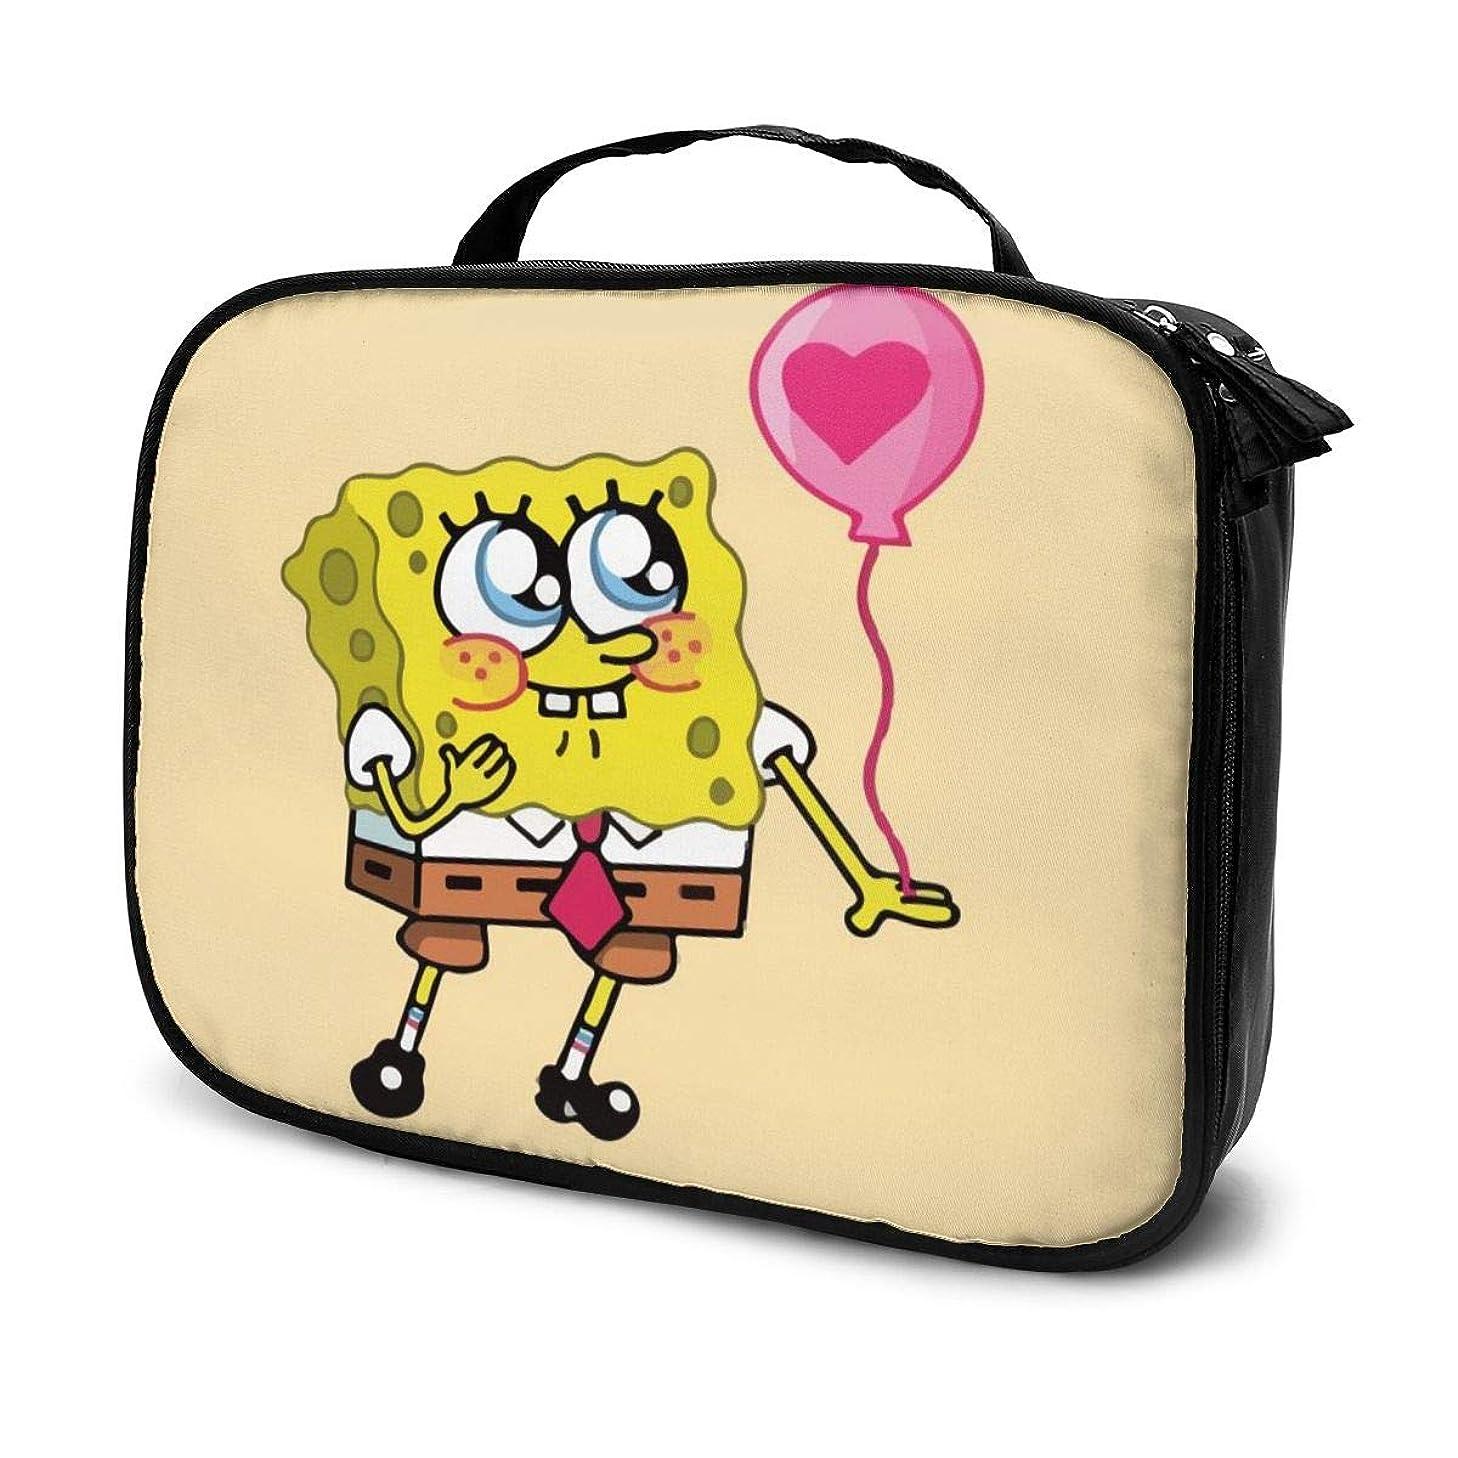 メディック岩番号Daituスポンジ 化粧品袋の女性旅行バッグ収納大容量防水アクセサリー旅行